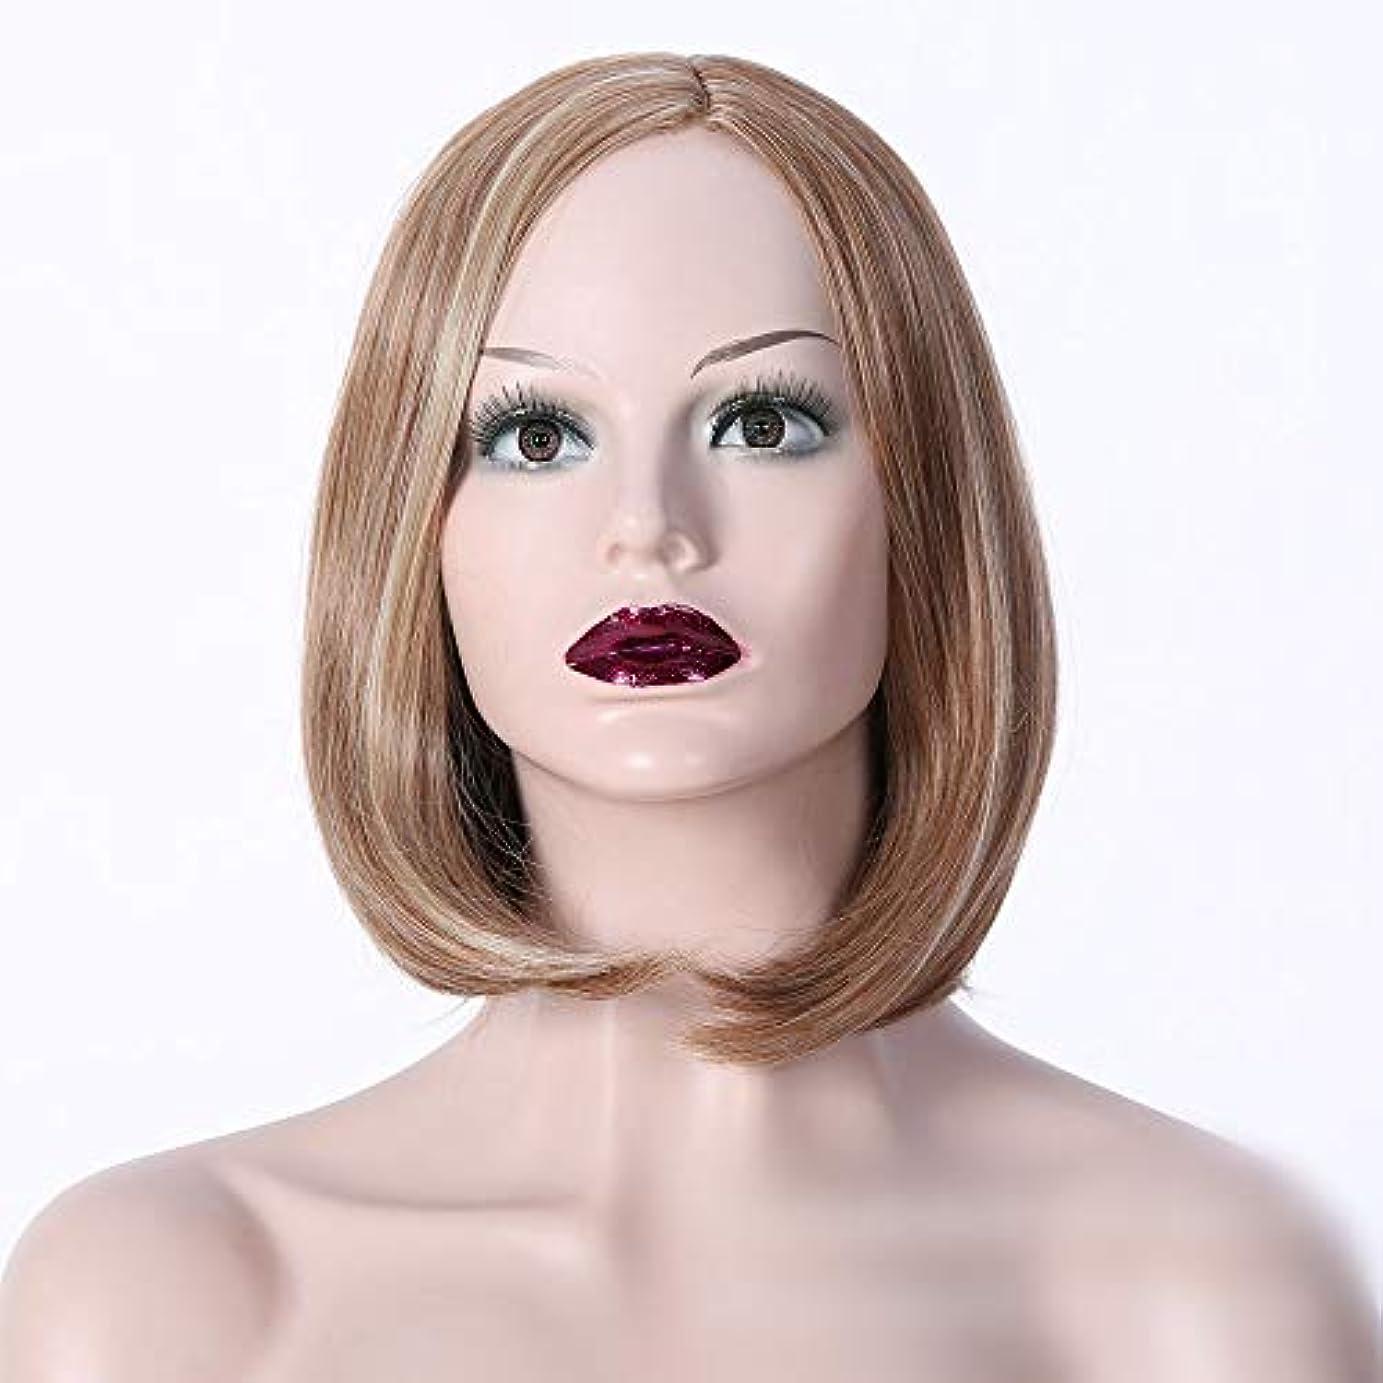 大きさ平衡徴収WASAIO レディースショートカーリーウィッグブロンドショート細いウェーブのかかった髪かつら耐熱性 (色 : Photo color)